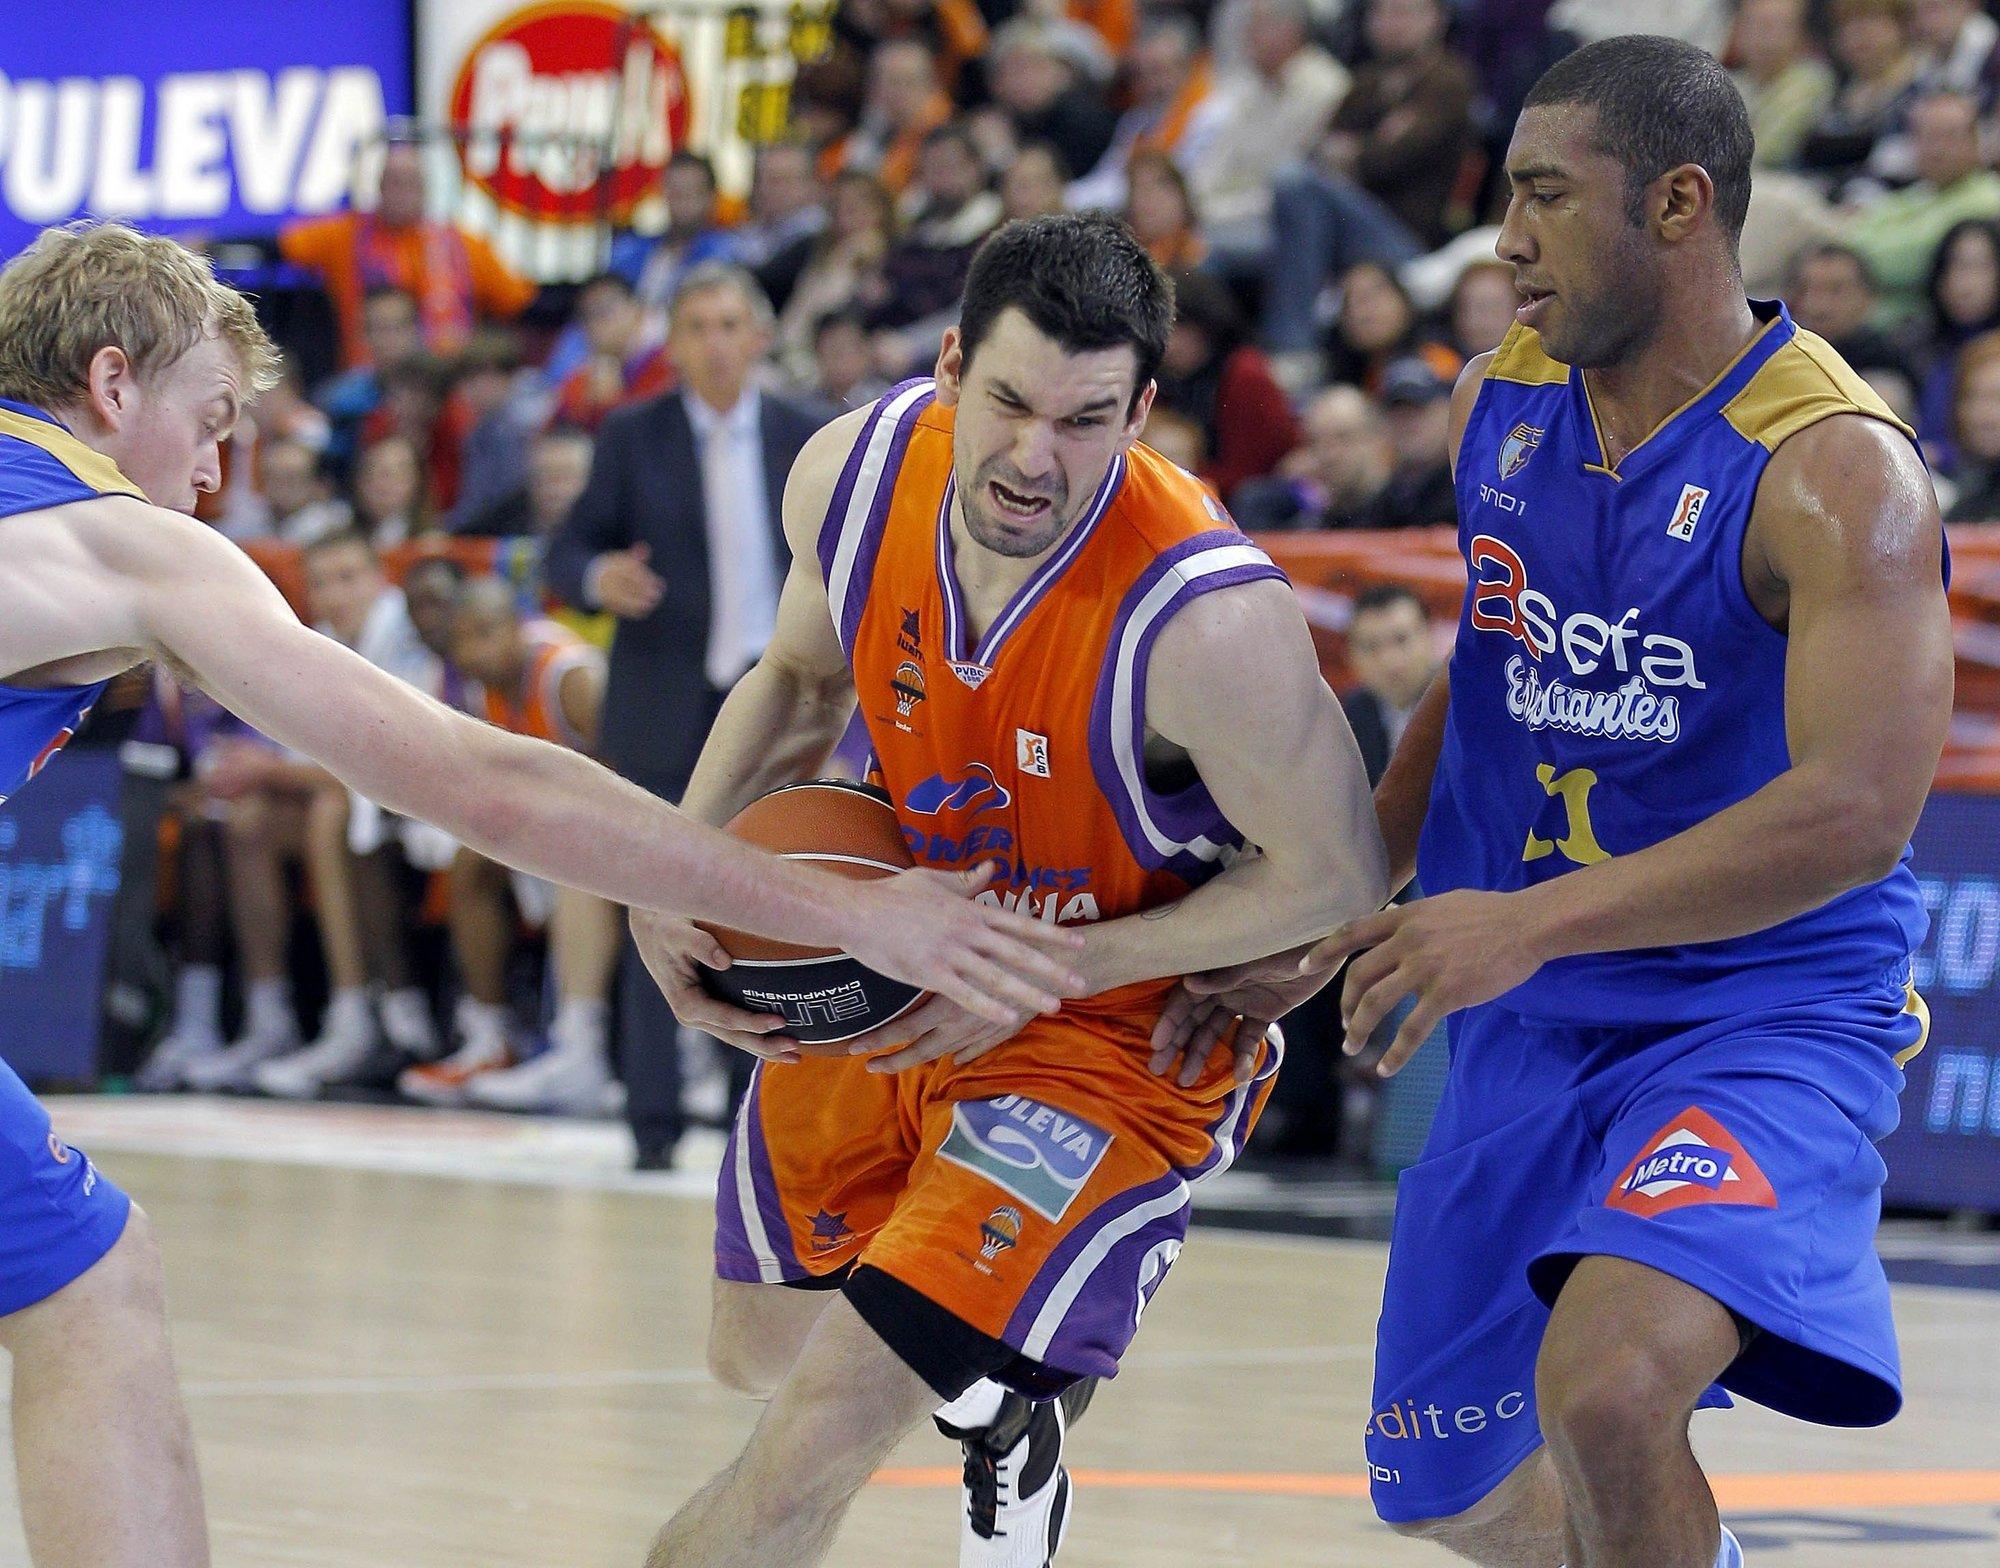 (Previa) Velimir Perasovic busca estrenarse con triunfo en Valencia ante el Asefa Estudiantes